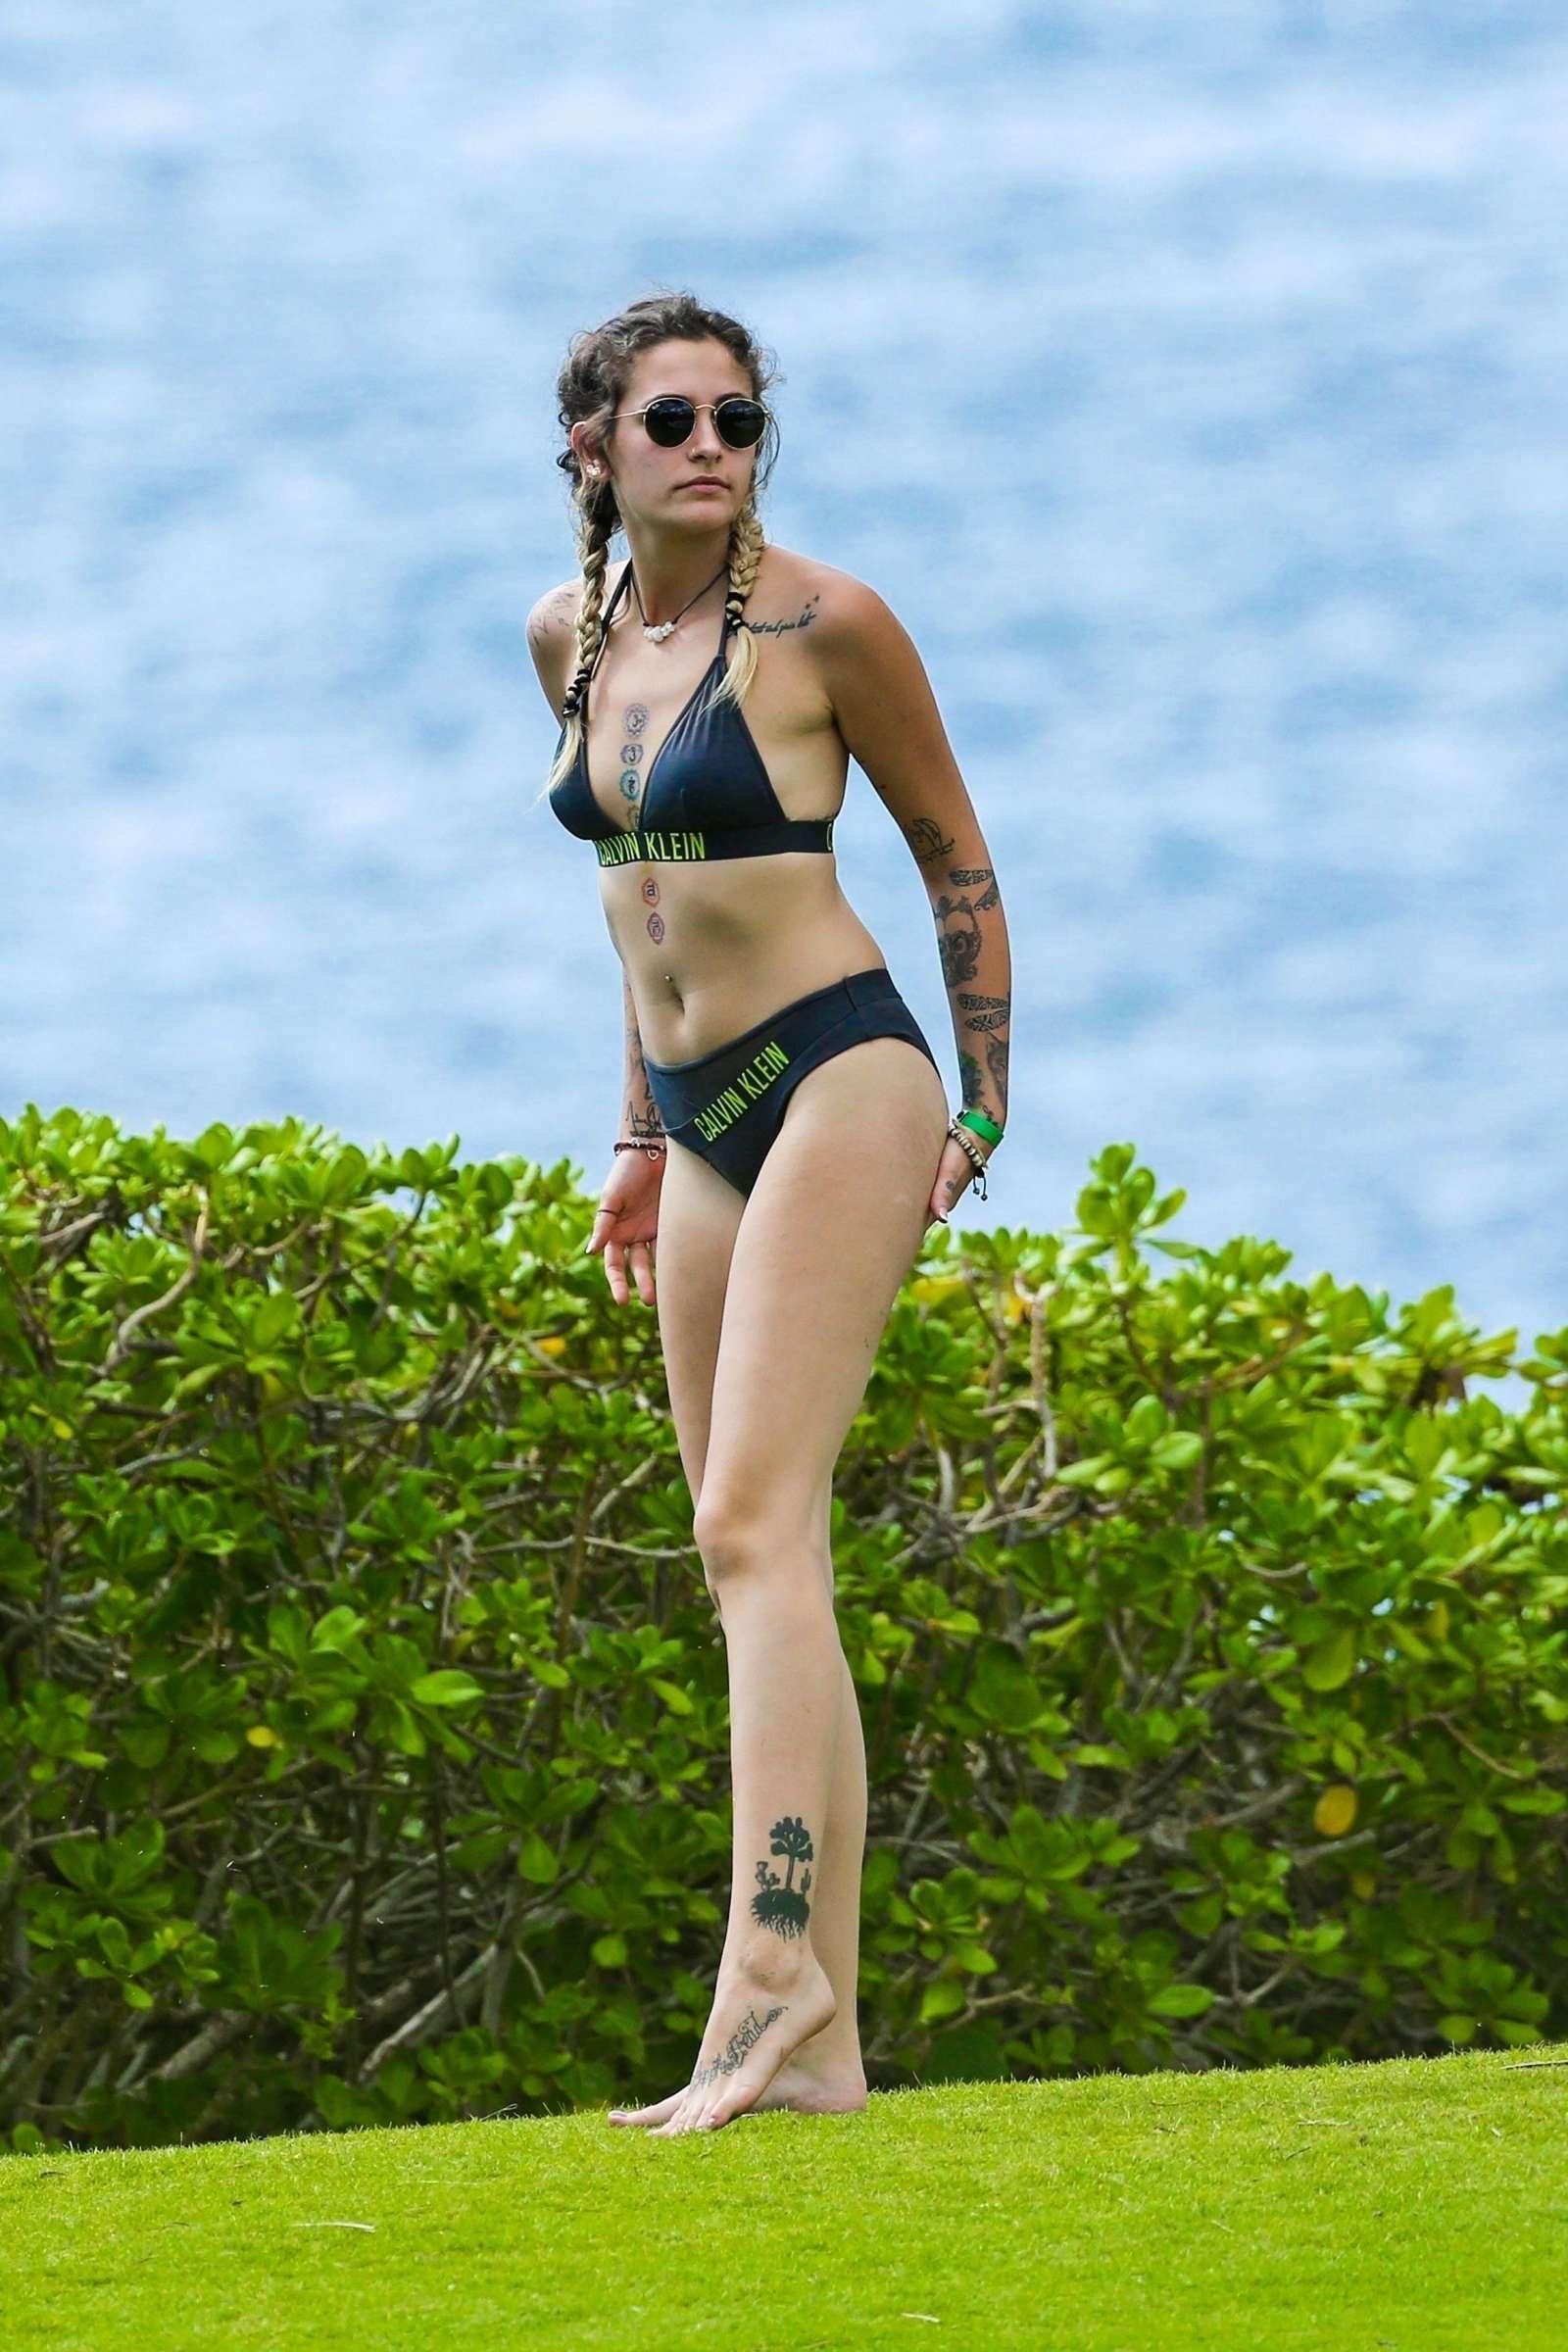 Bikini Paris Jackson nude photos 2019